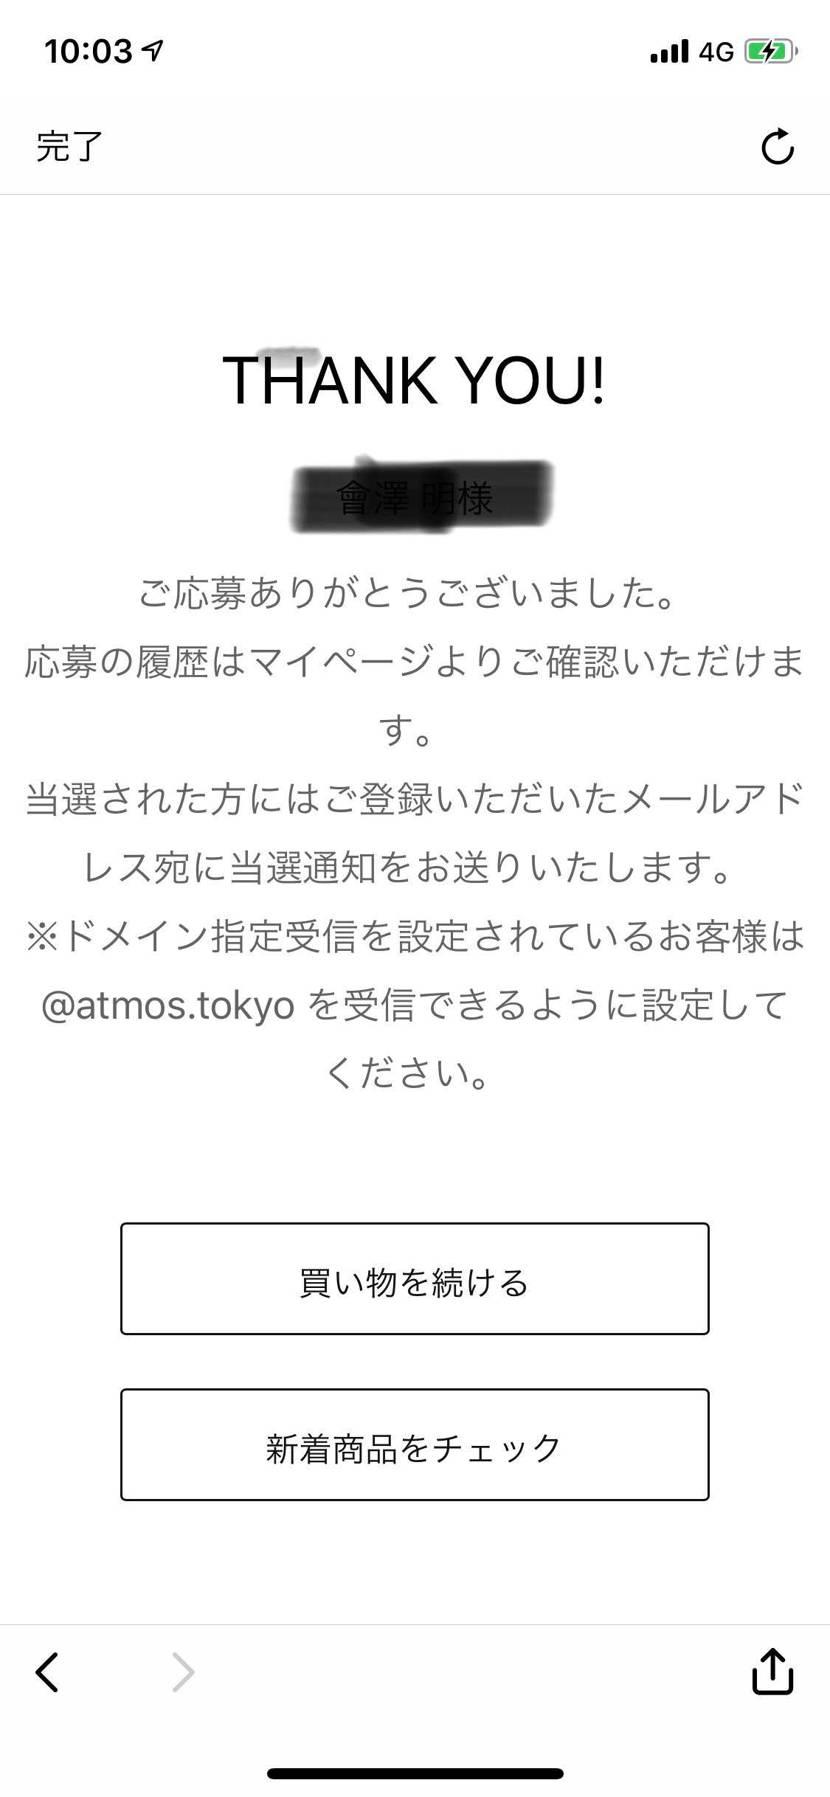 アトモスさん応募完了‼️連敗記録終わるか〜(泣)